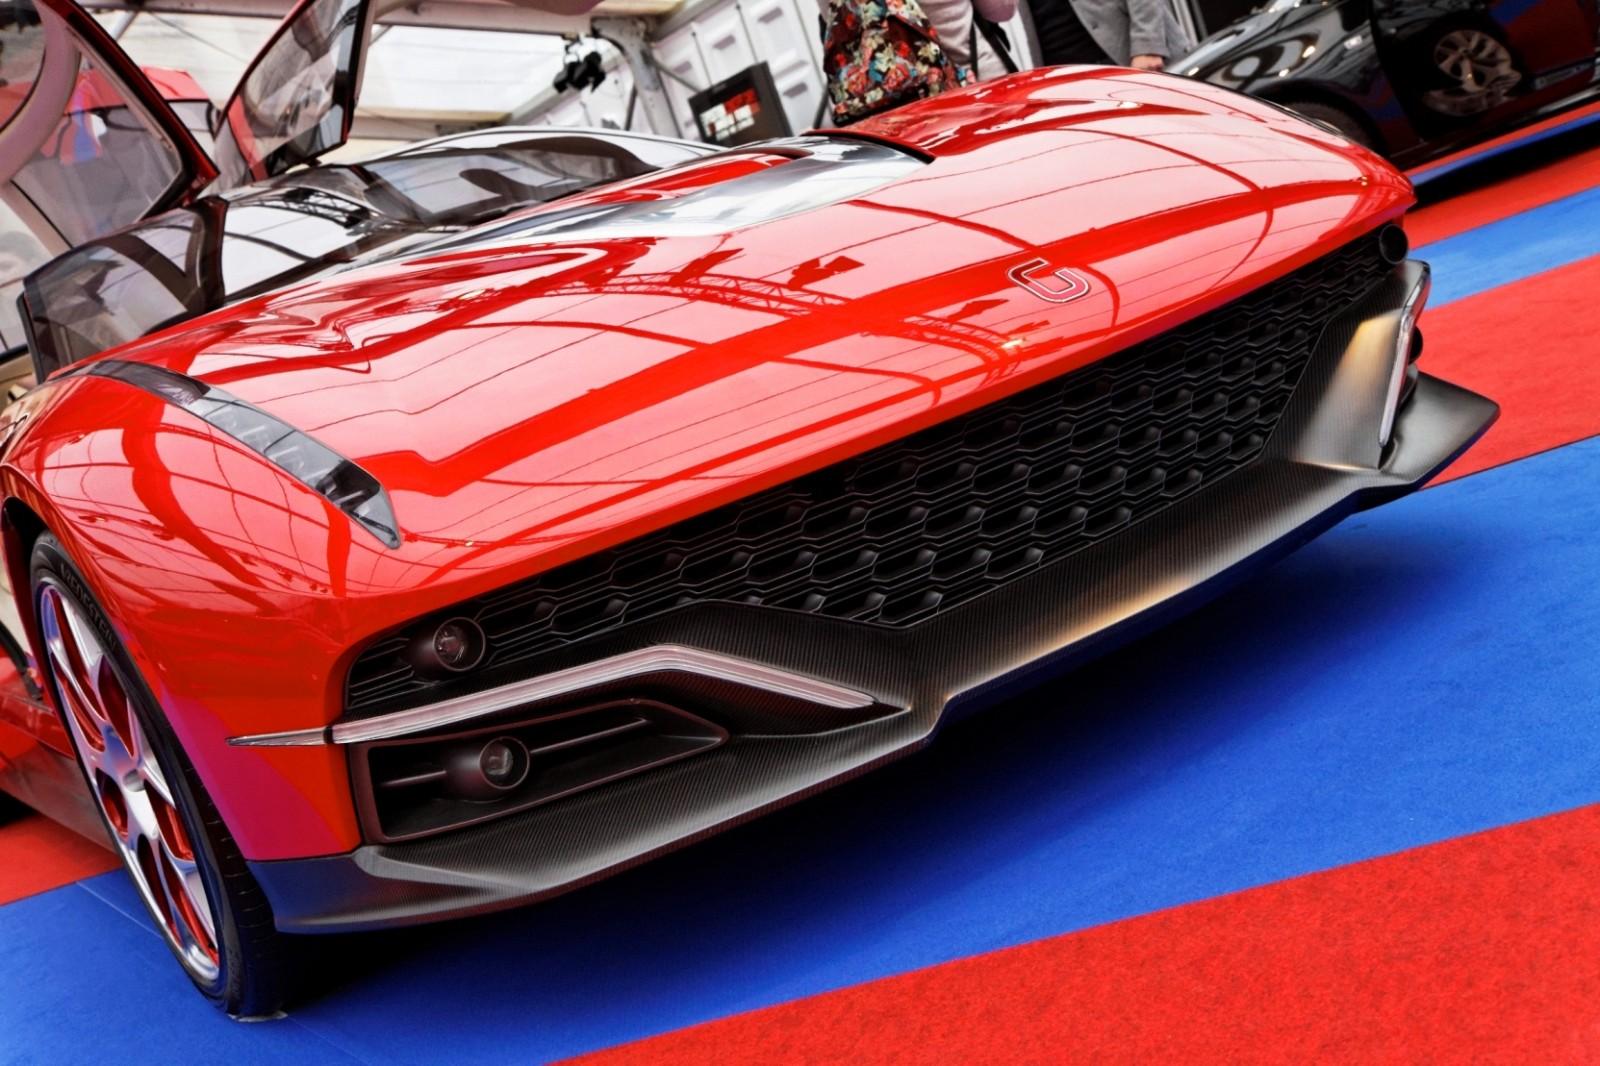 2012 ItalDesign Giugiaro BRIVIDO Concept 56